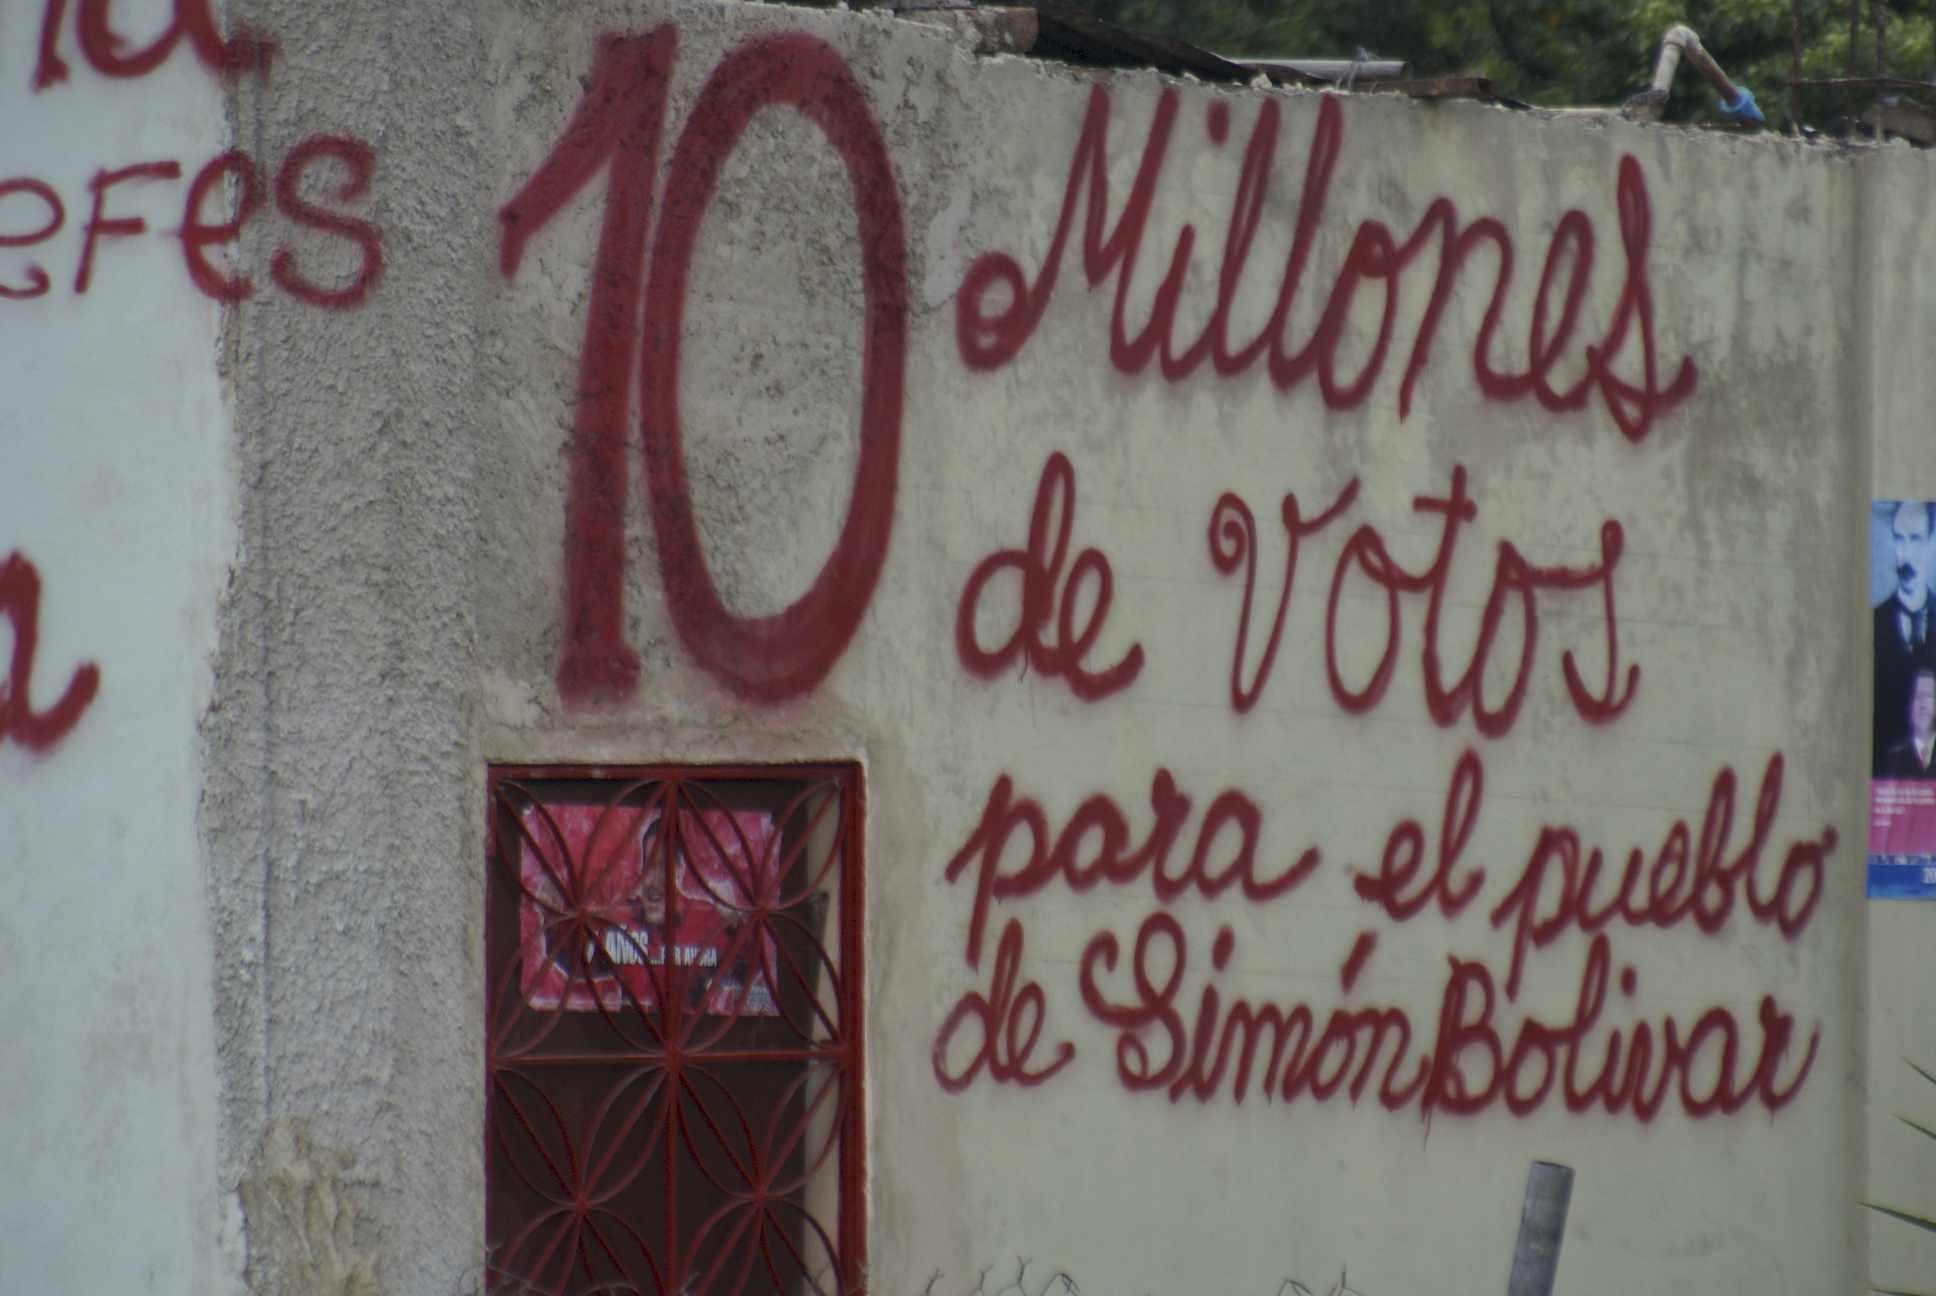 Venezuela - 10 miliones de votos par el pueblo de Simon Bolivar